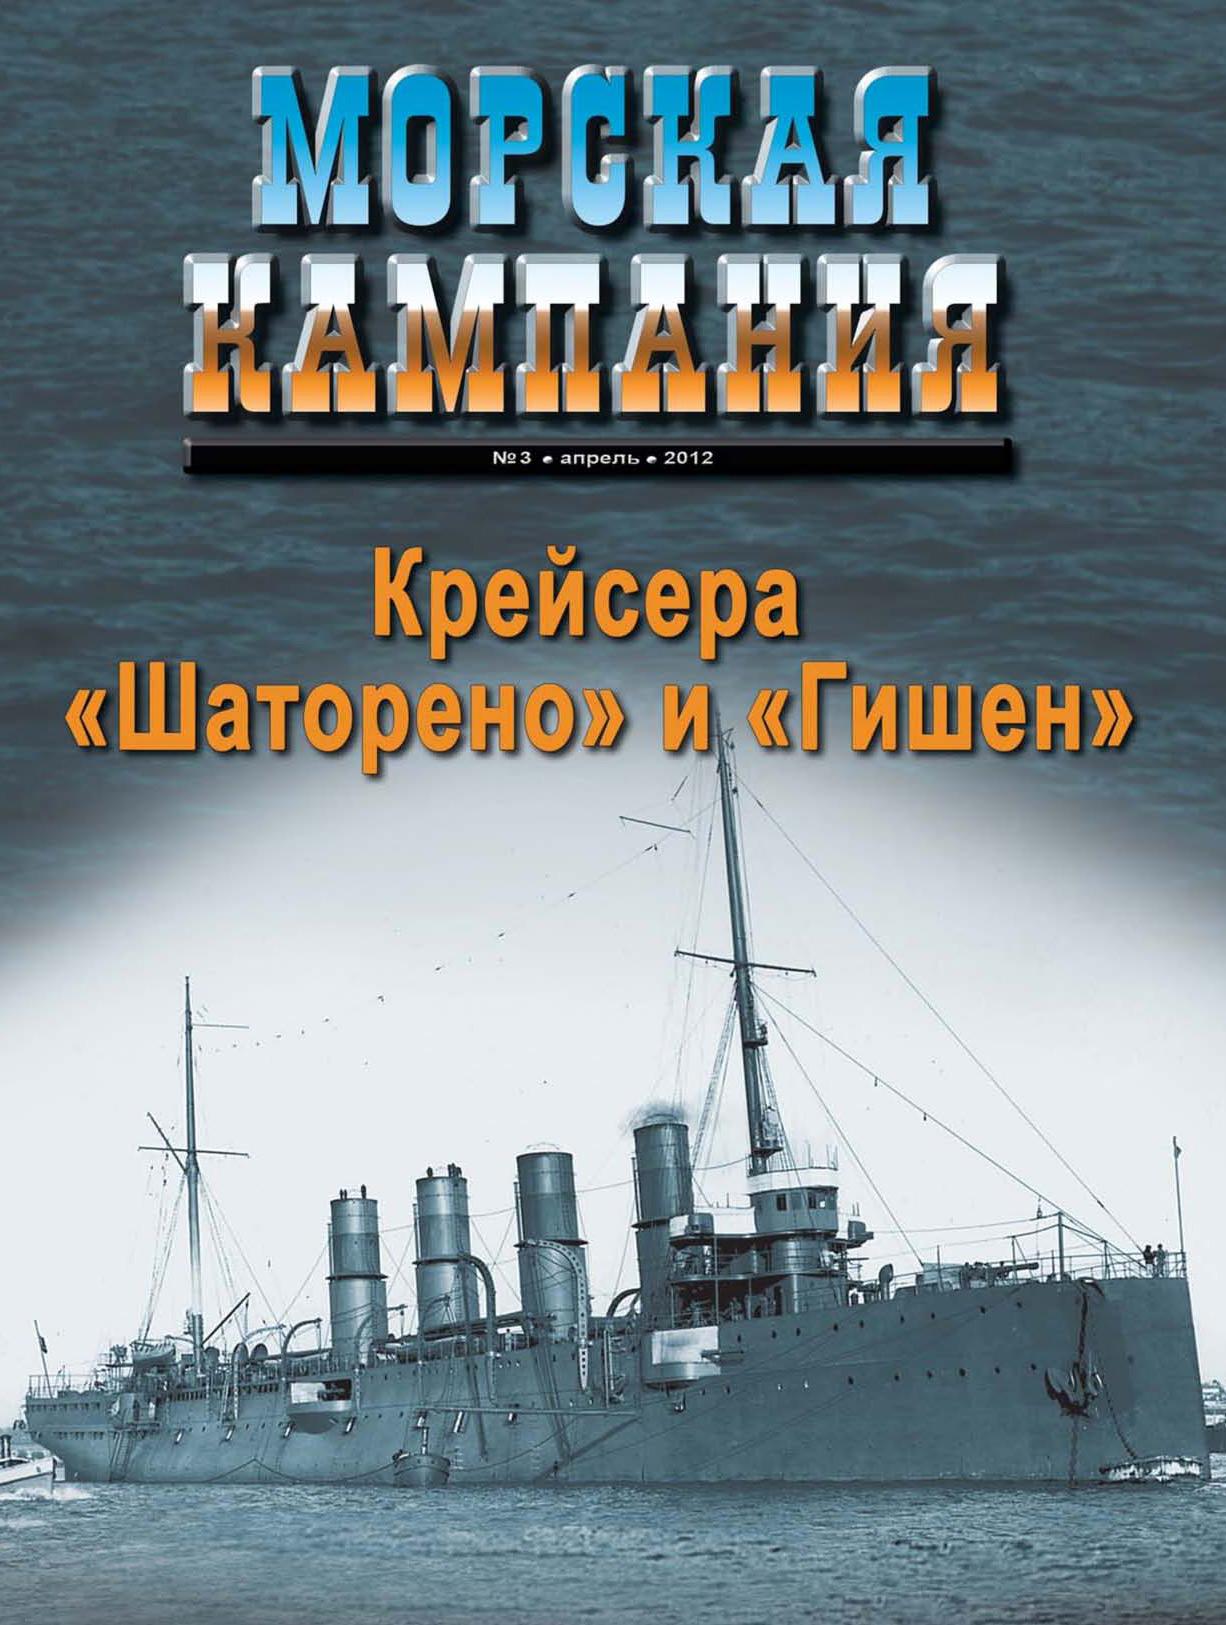 Морская кампания № 03/2012 ( Отсутствует  )